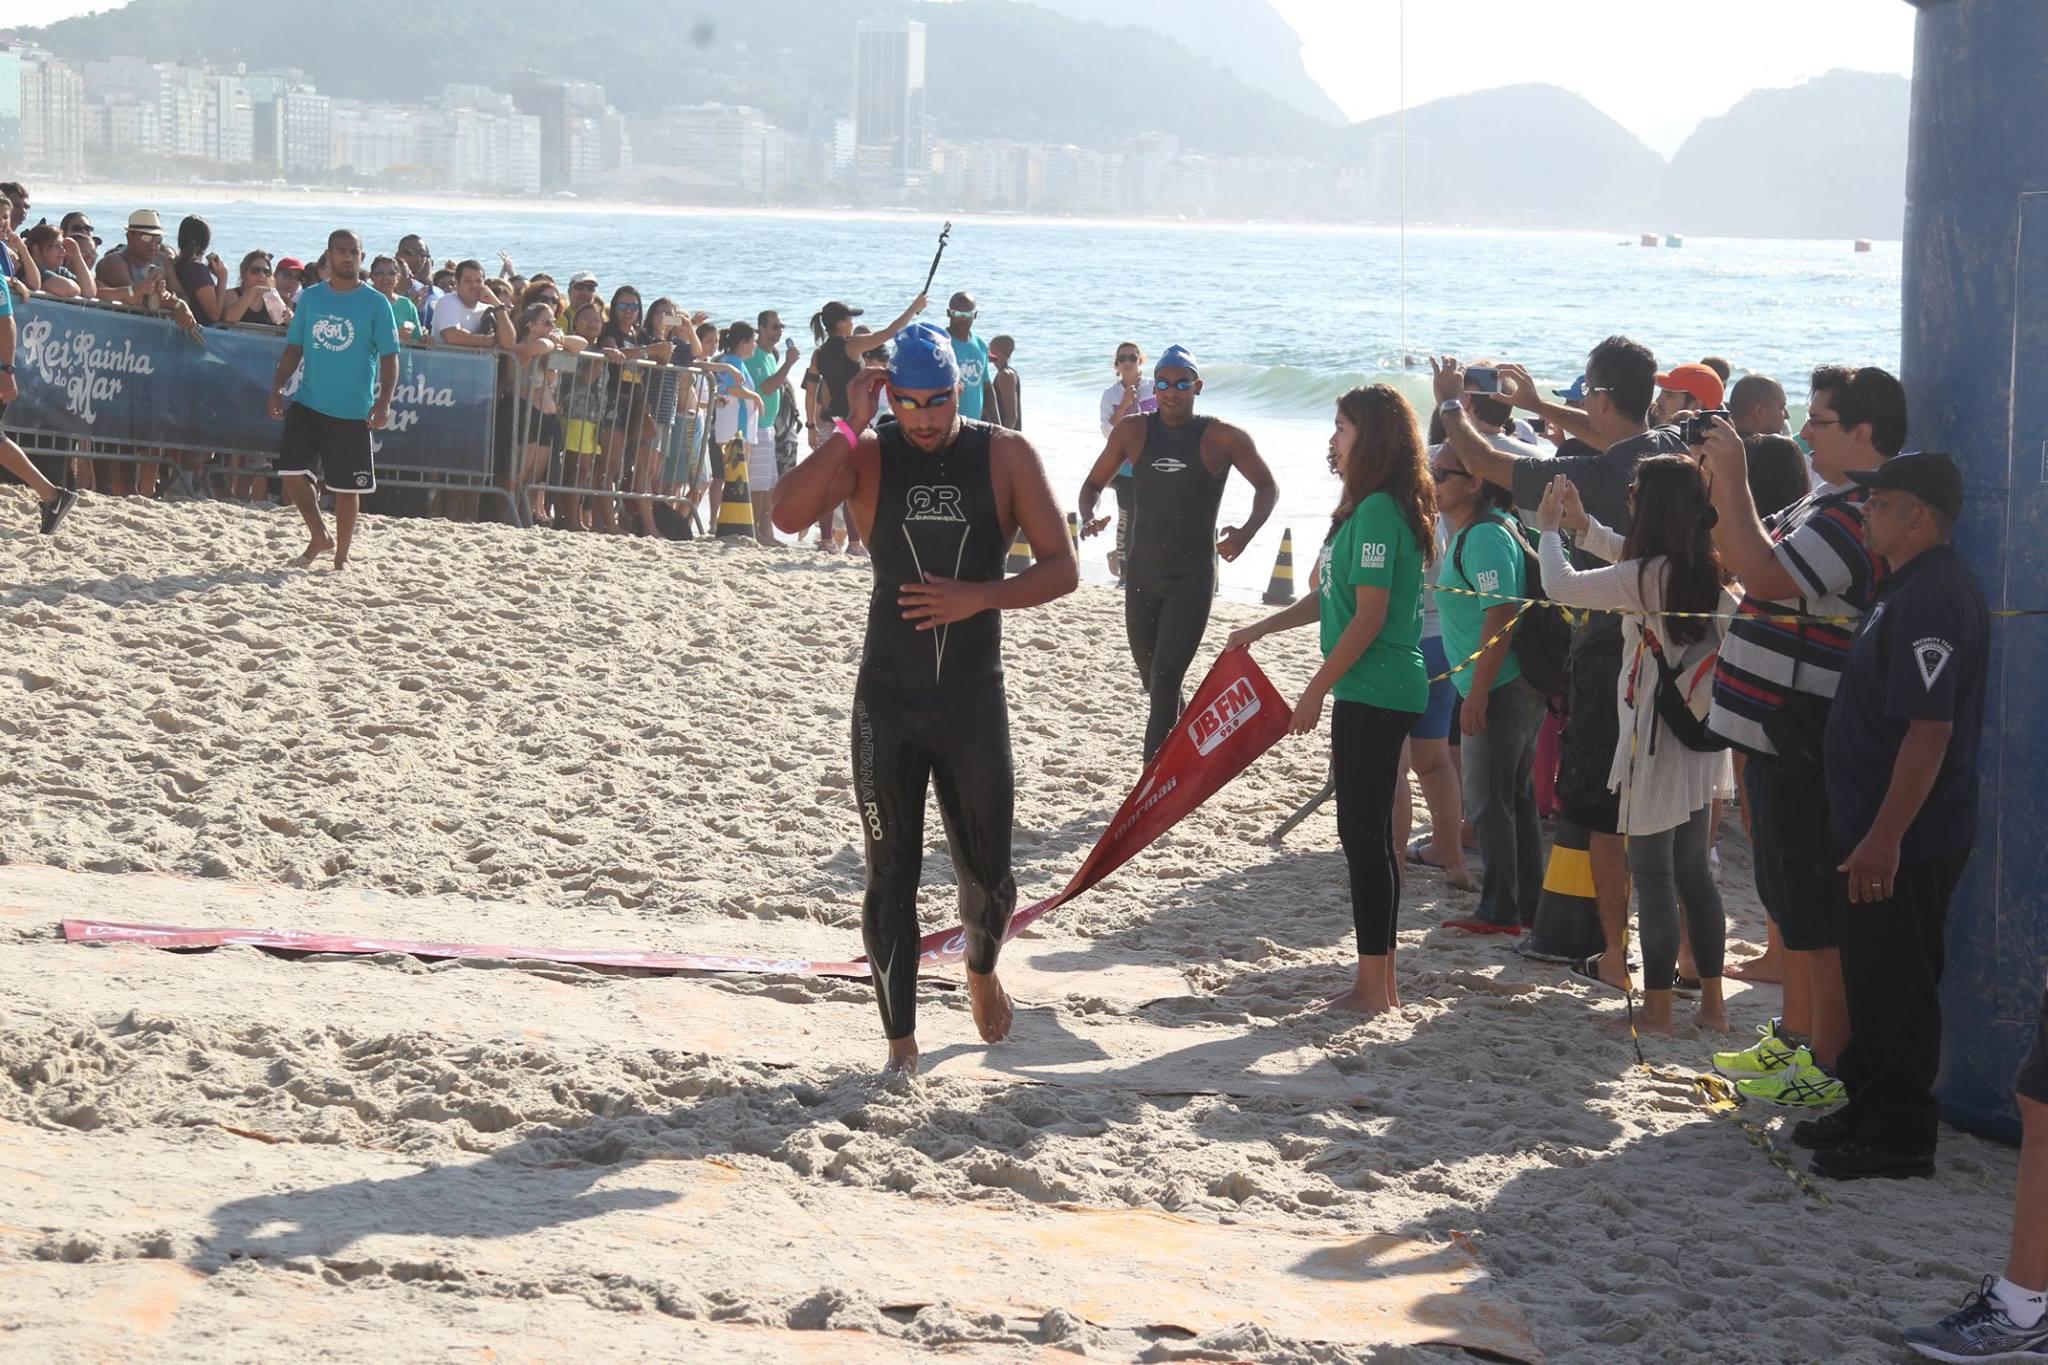 Samuel de Bona vencendo em Copacabana